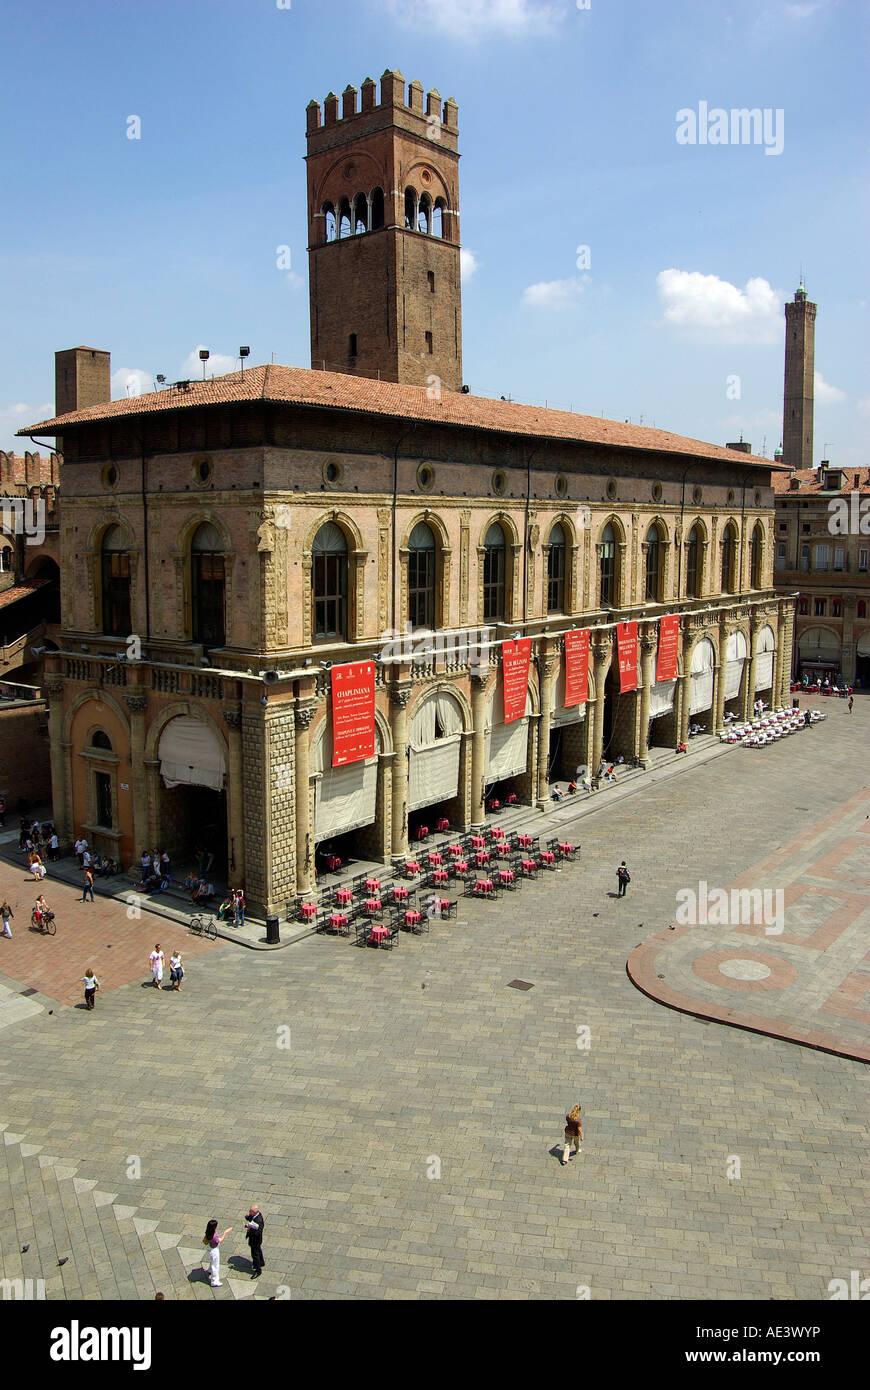 Bologna Italy; Palazzo del Podestà and Palazzo Re Enzo, with Piazza Nettuno and Piazza Maggiore to the right. Stock Photo